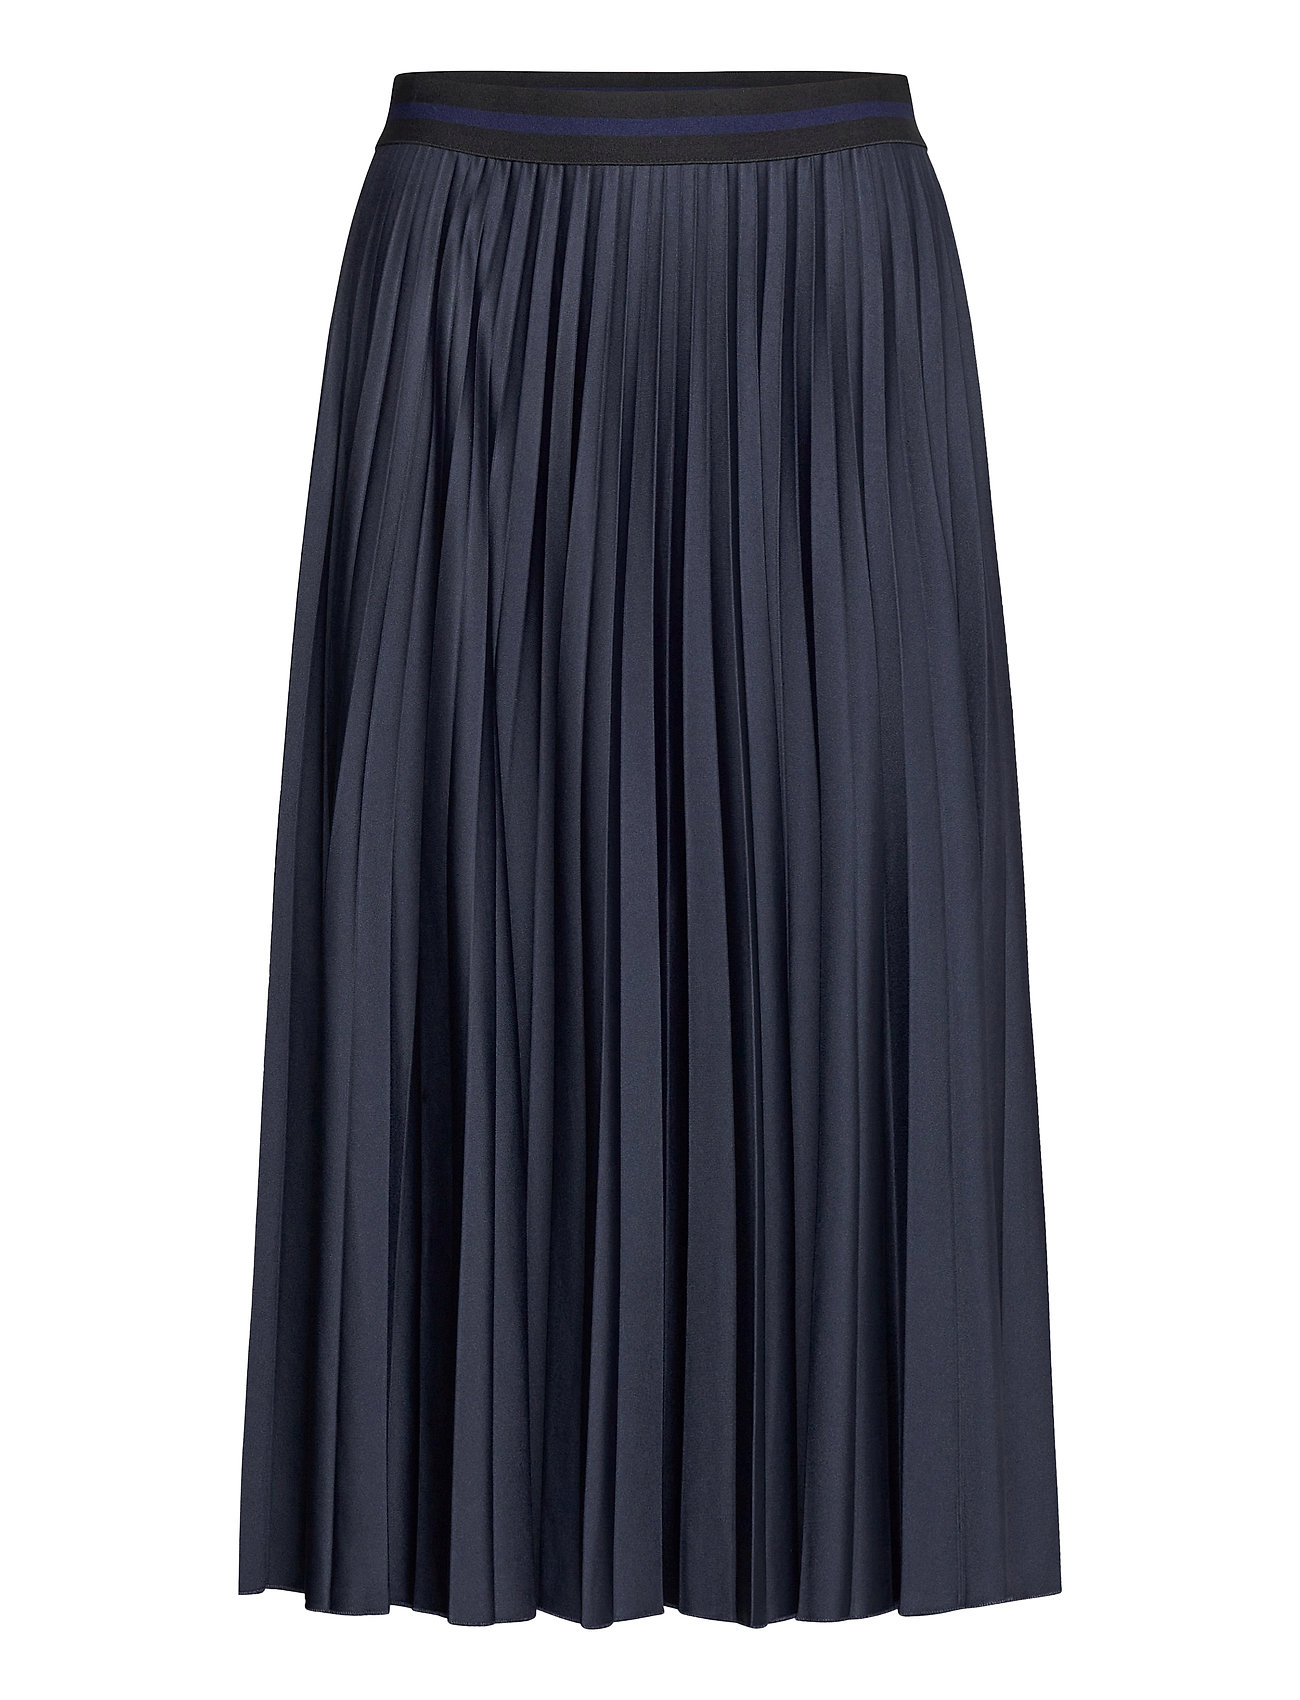 Image of Skirts Knitted Knælang Nederdel Blå Esprit Casual (3480588511)